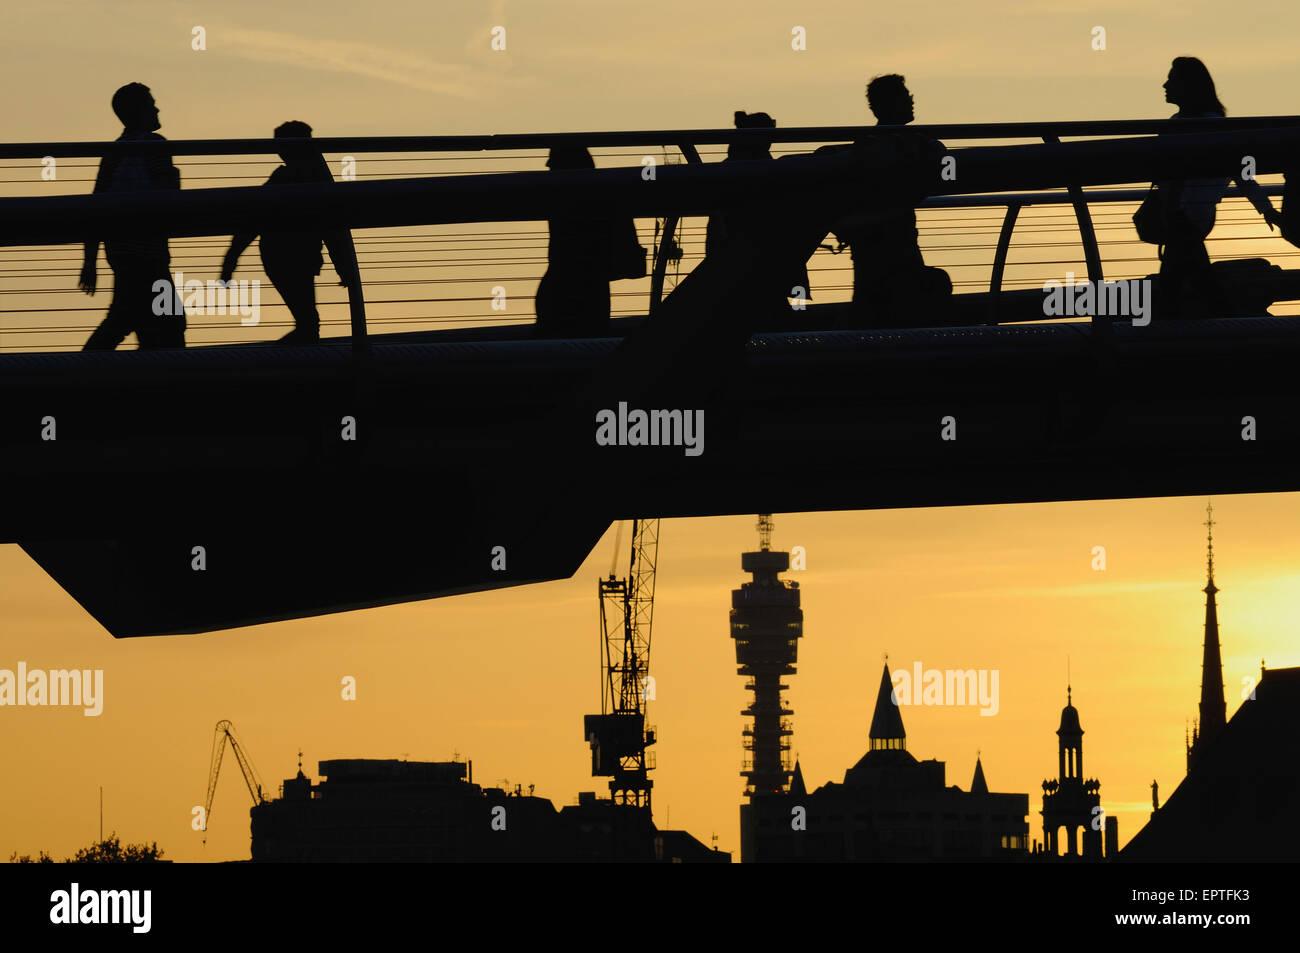 Los peatones en silueta en el Puente del Milenio, Londres, Reino Unido, al atardecer, con edificios en segundo plano. Imagen De Stock